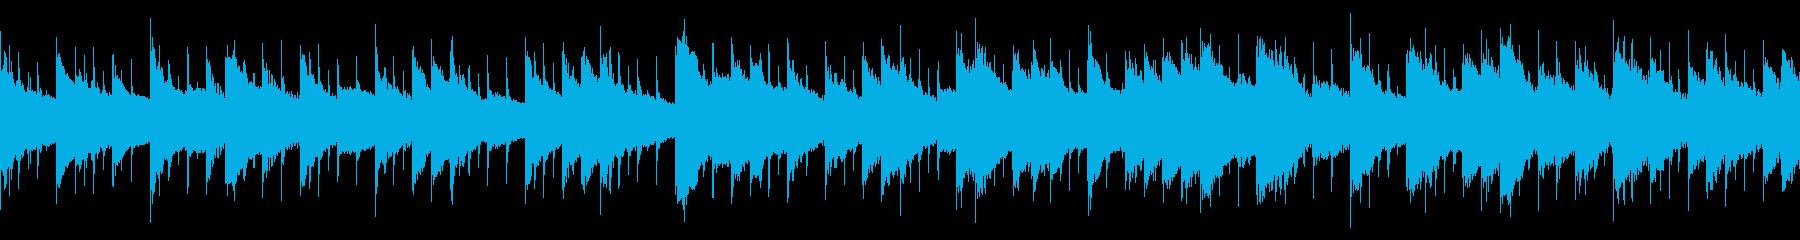 ほんわかした雰囲気のBGM(ループ仕様)の再生済みの波形